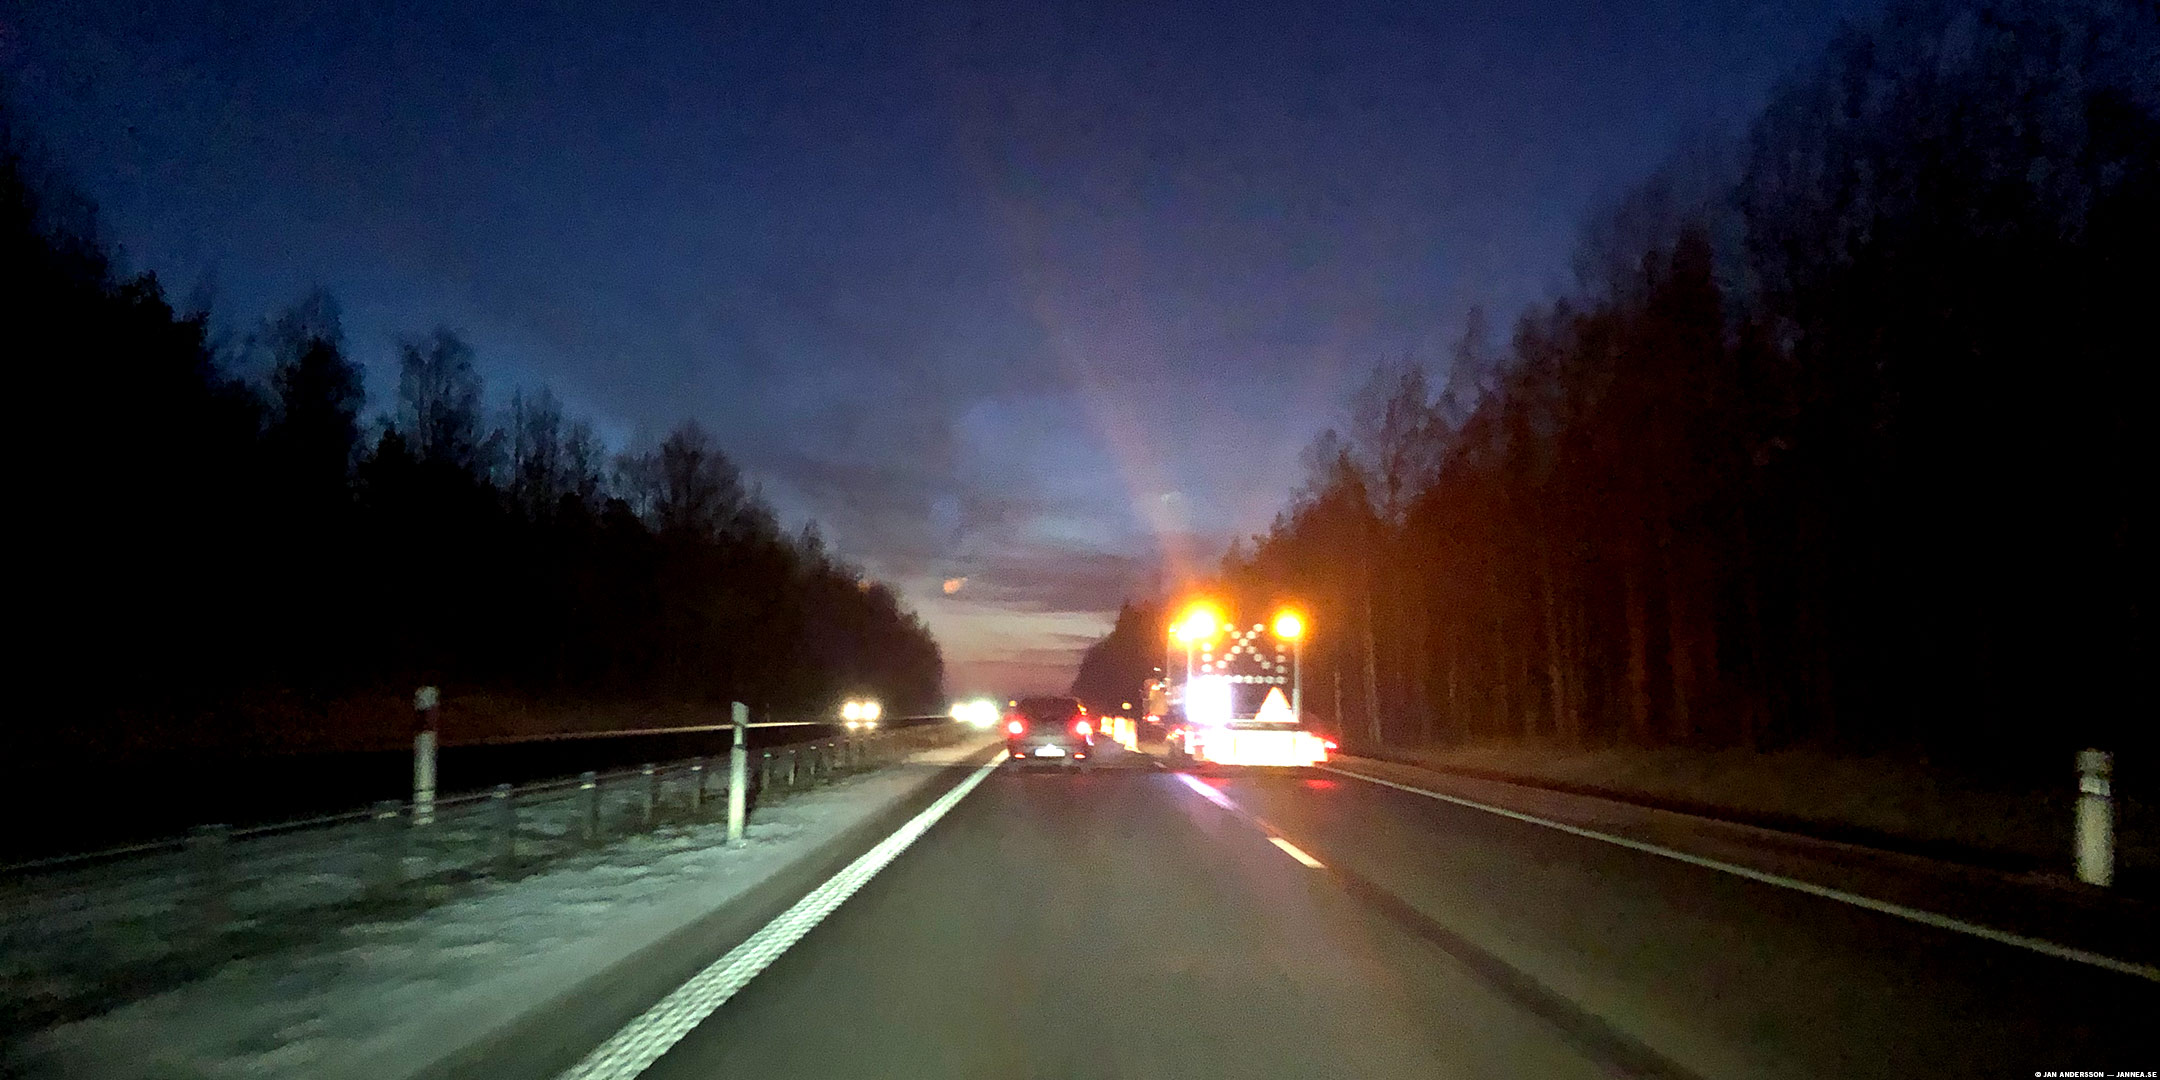 Stilla på motorvägen och sen iväg igen |© Jan Andersson